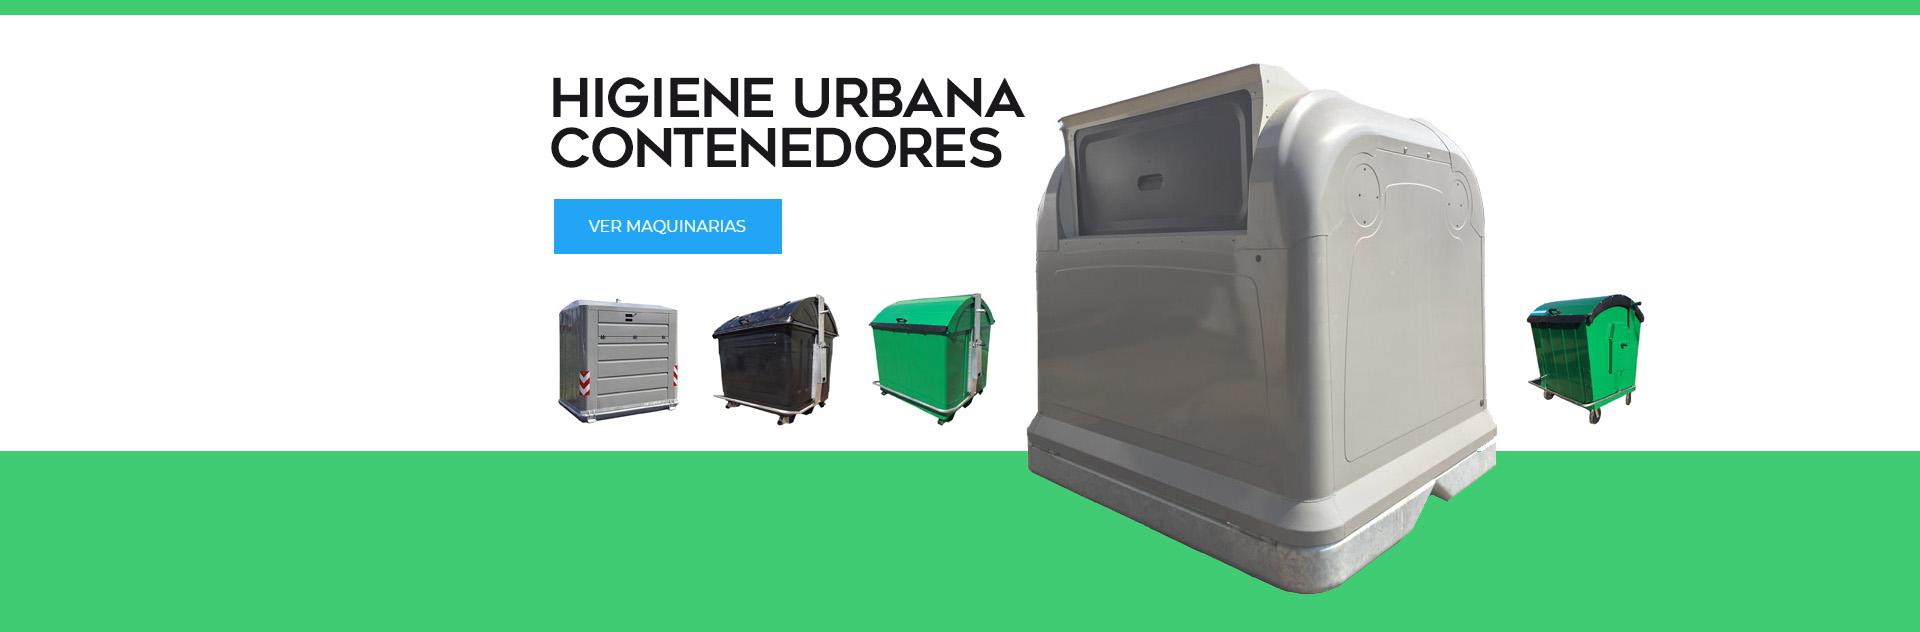 Higiene Urbana Linea de Contenedores de Basura Plasticos para Ciudades